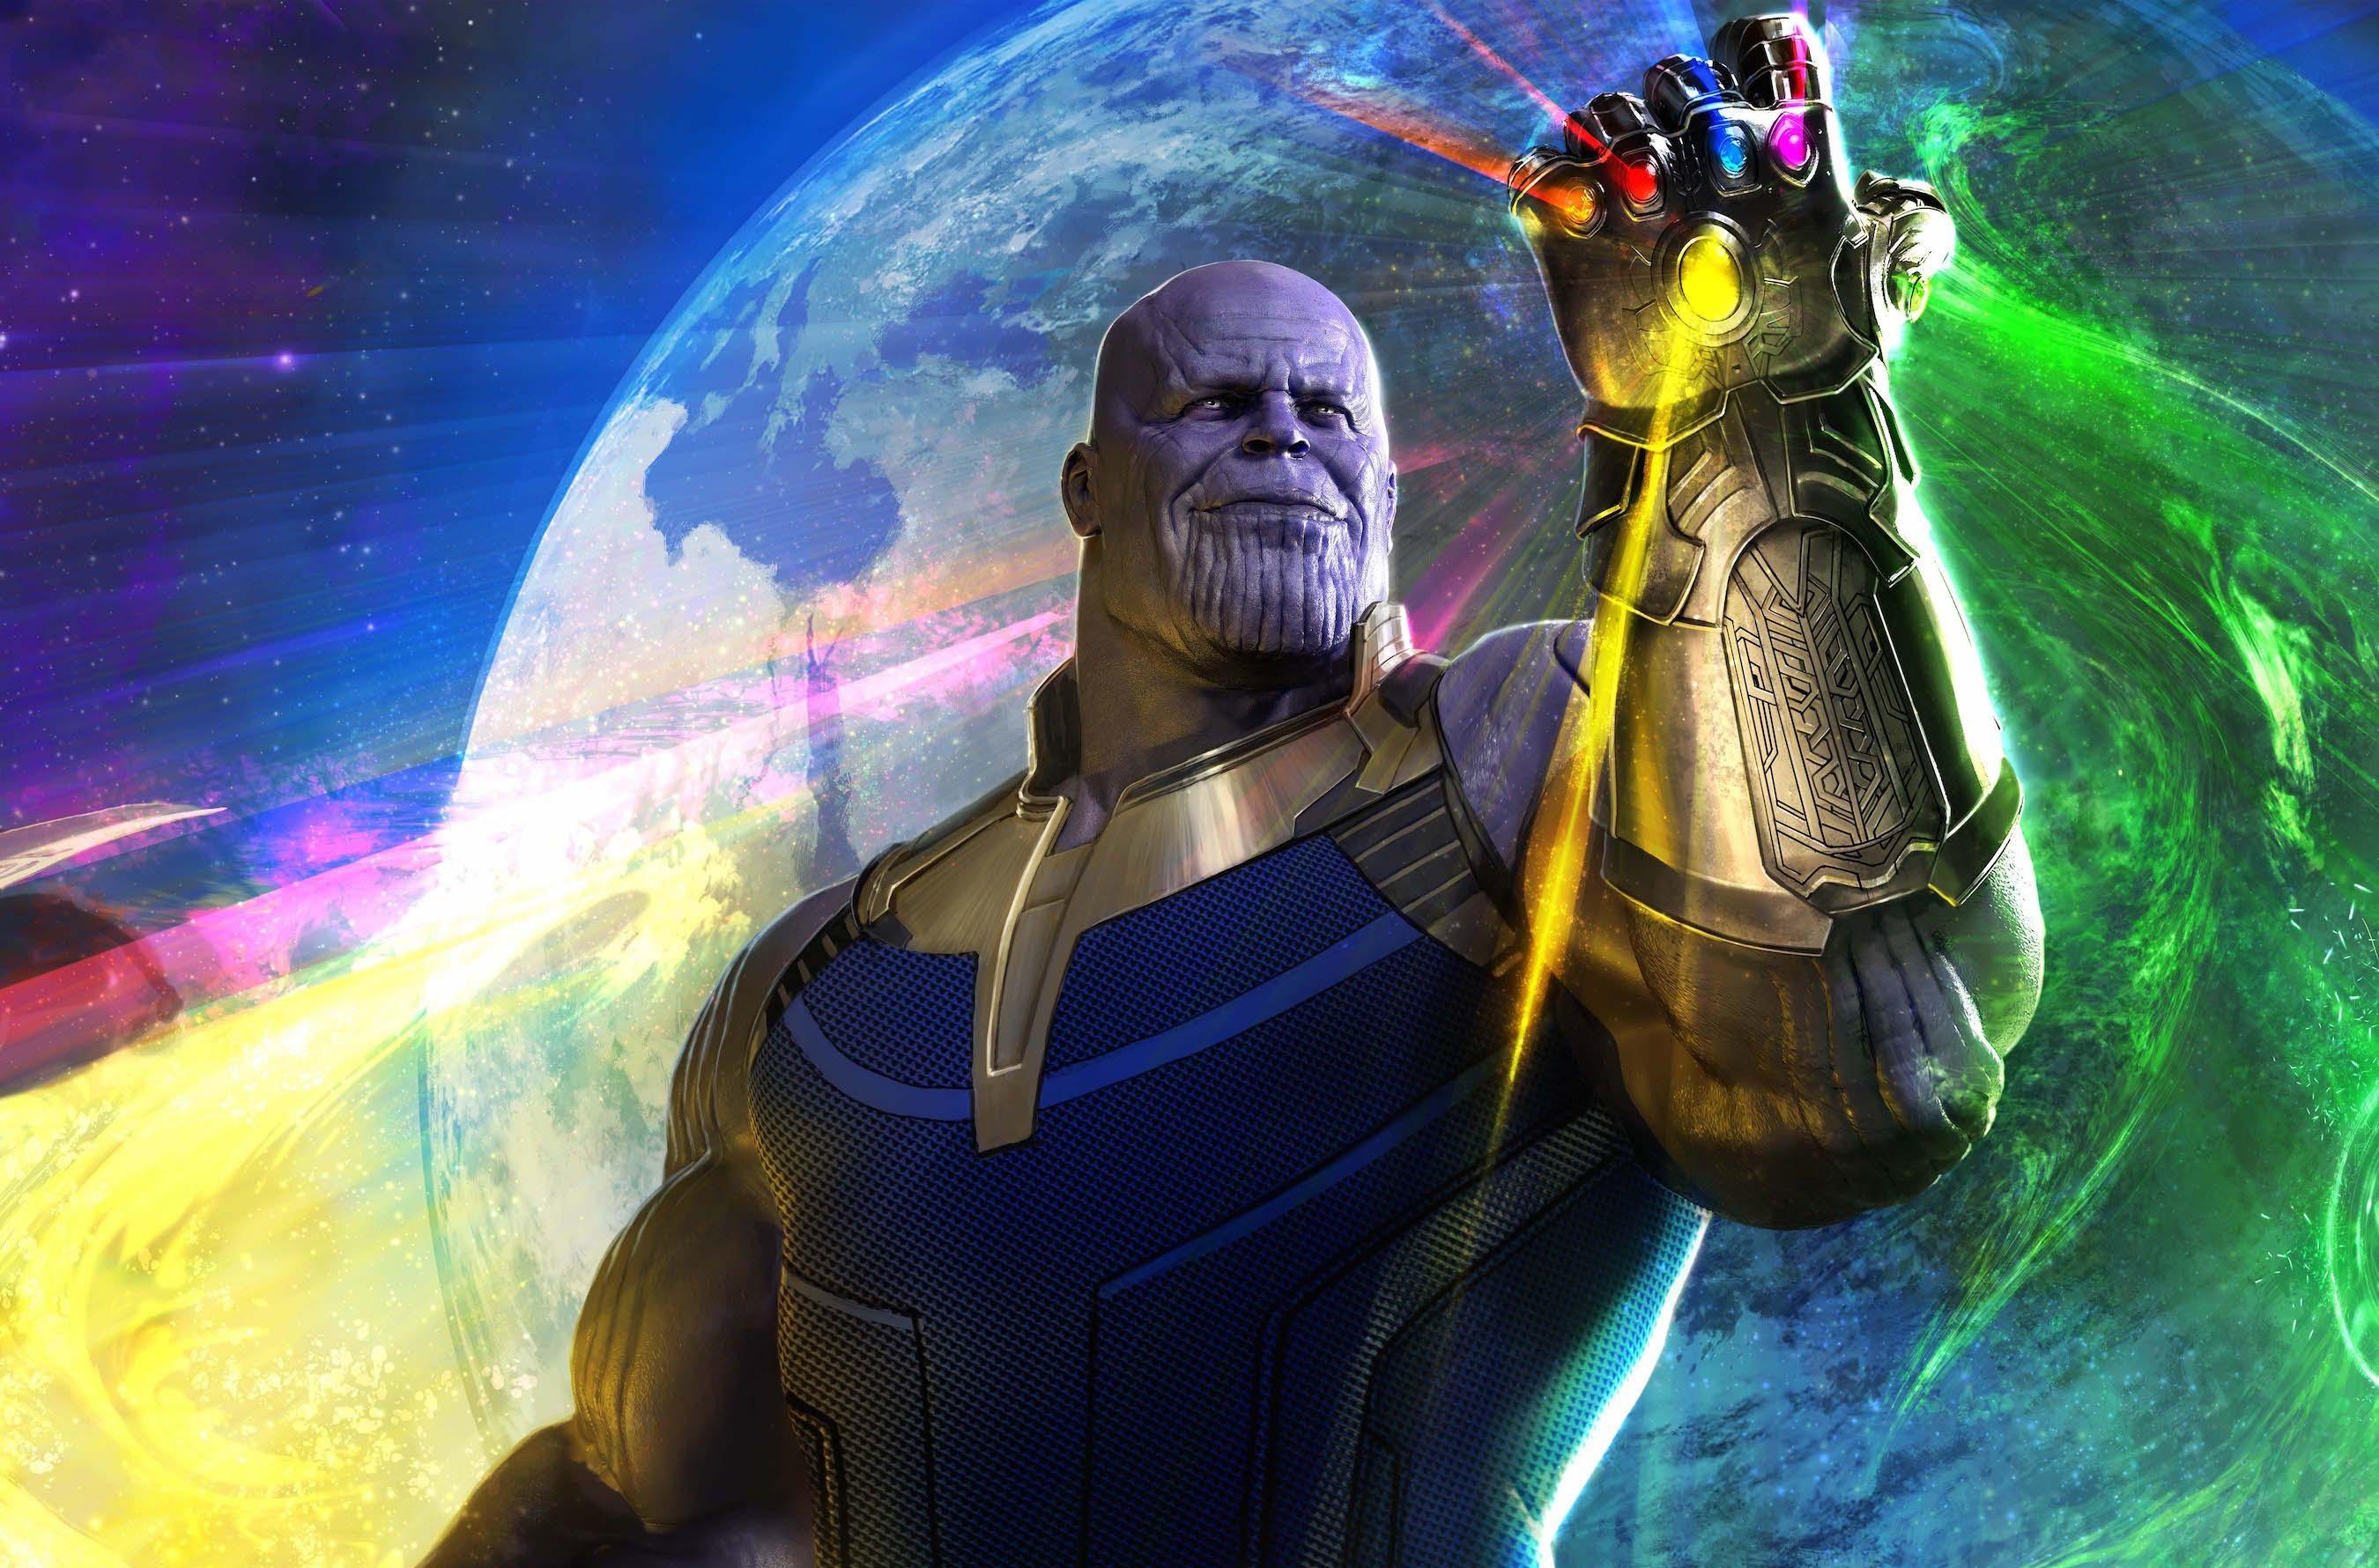 Wallpaper Thanos Avengers Infinity War Artwork Hd: Thanos In Avengers Infinity War, Full HD 2K Wallpaper